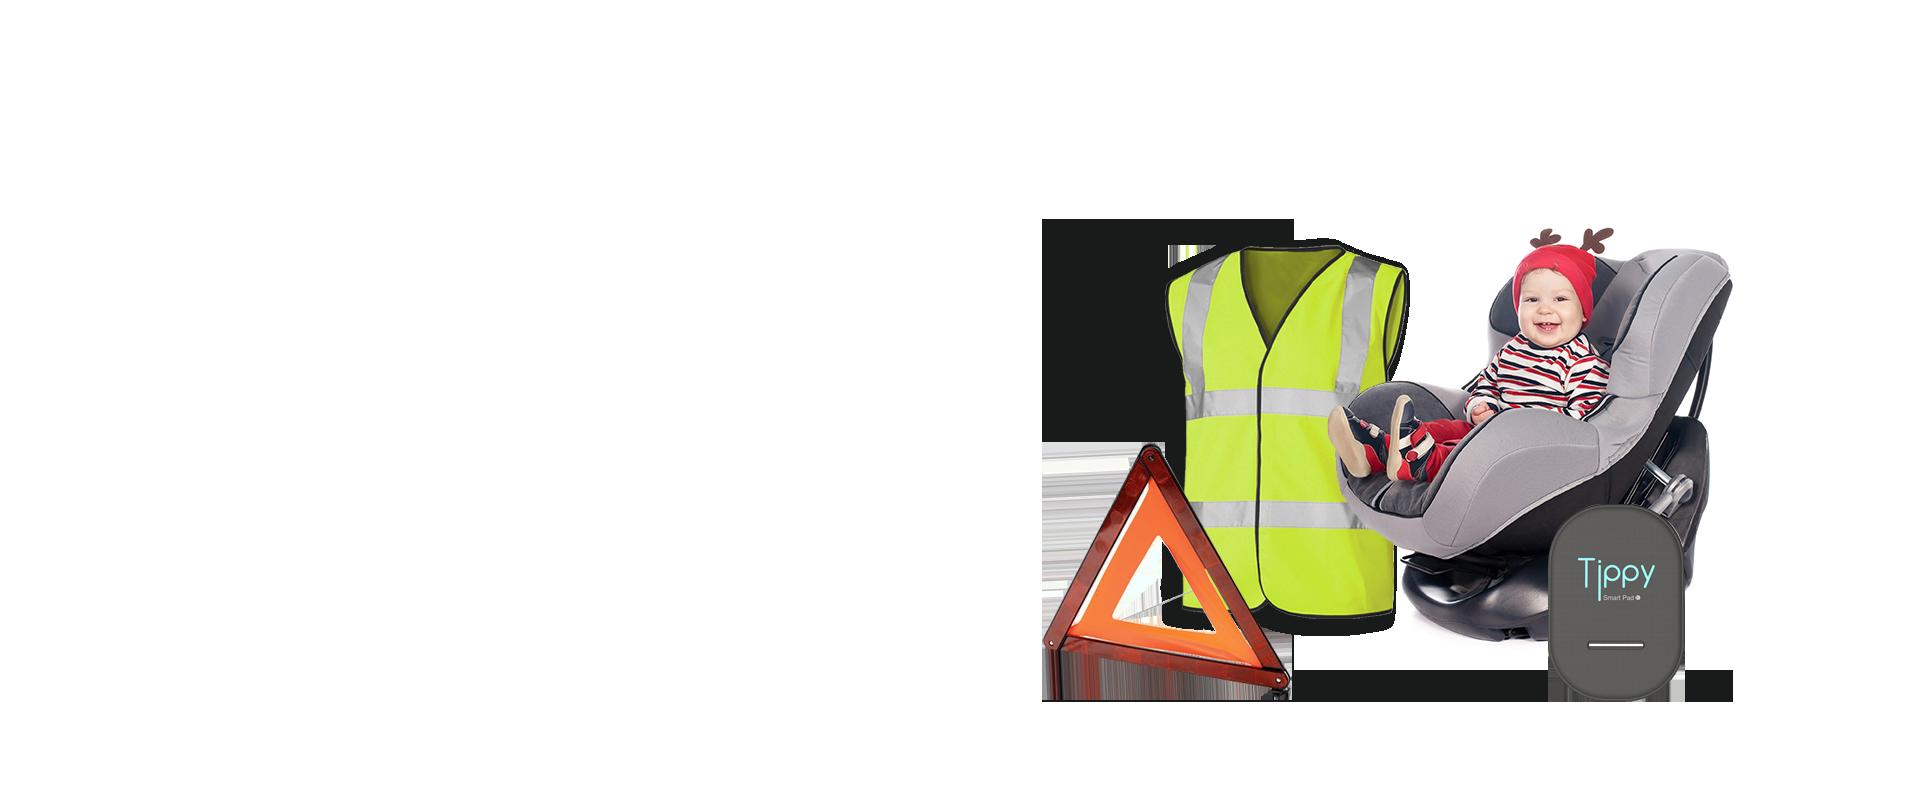 Emergenza - Triangoli di segnalazione, gilet ad alta visibilità ed estintori